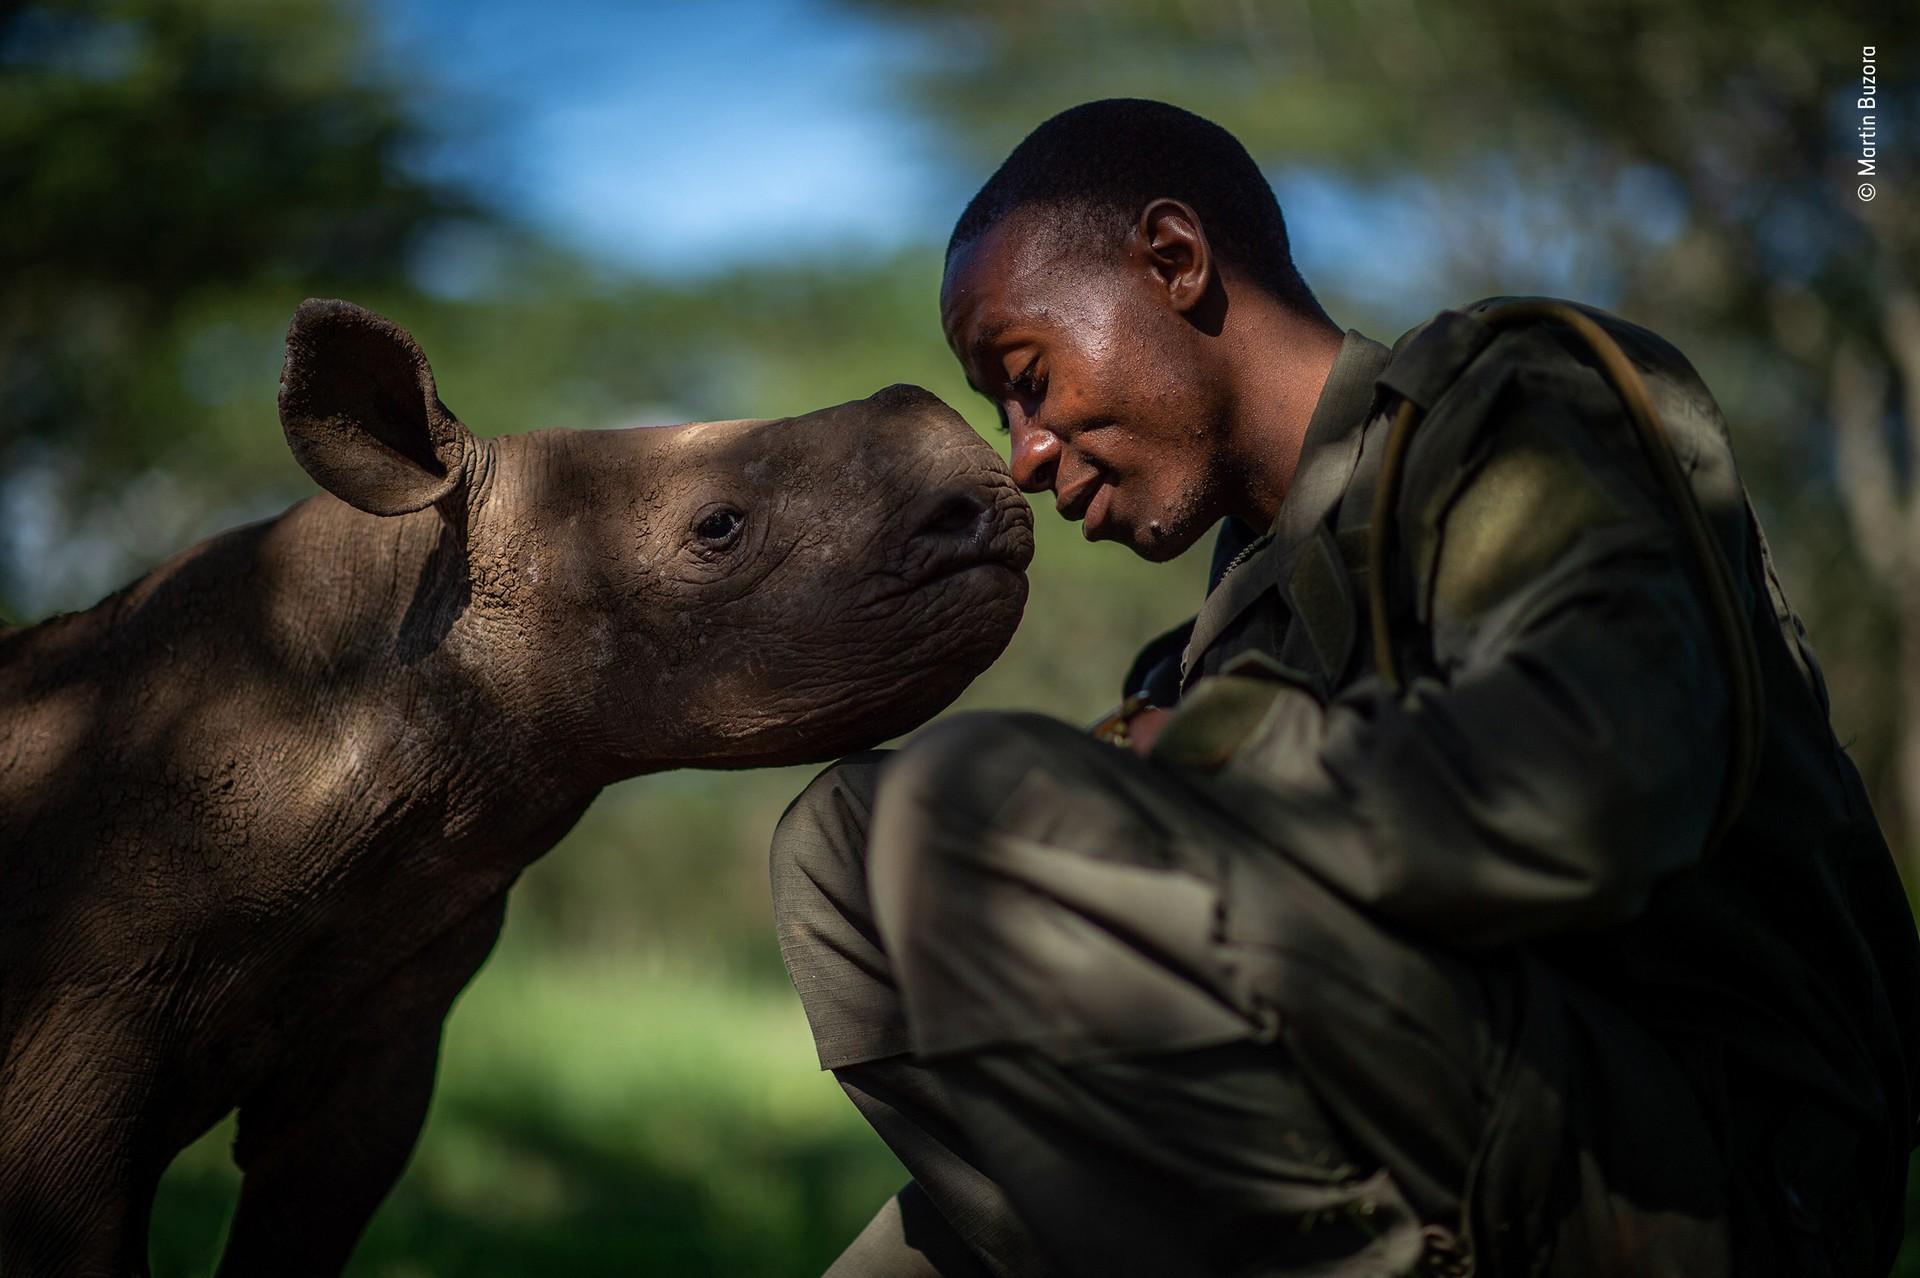 Высоко оценено, 2019. «Суррогатная мать». Рейнджер в заповеднике дикой природы в Кении ухаживает за осиротевшими чёрными носорогами. Автор Мартин Бузора